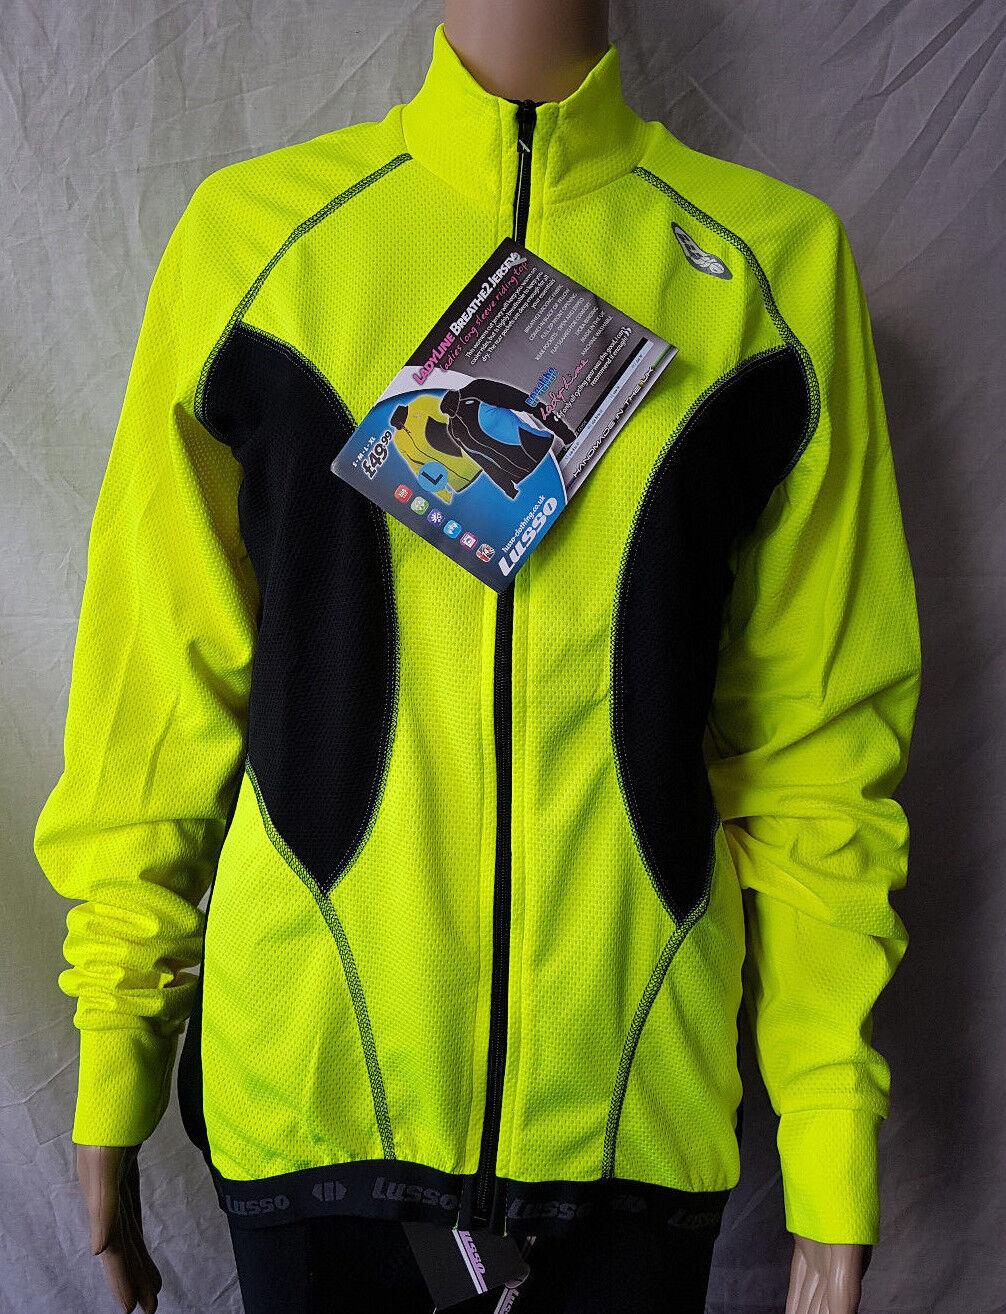 Lusso LadyLine Breathe2 Women's Long Sleeve  Jersey Yellow bluee L-XL RRP